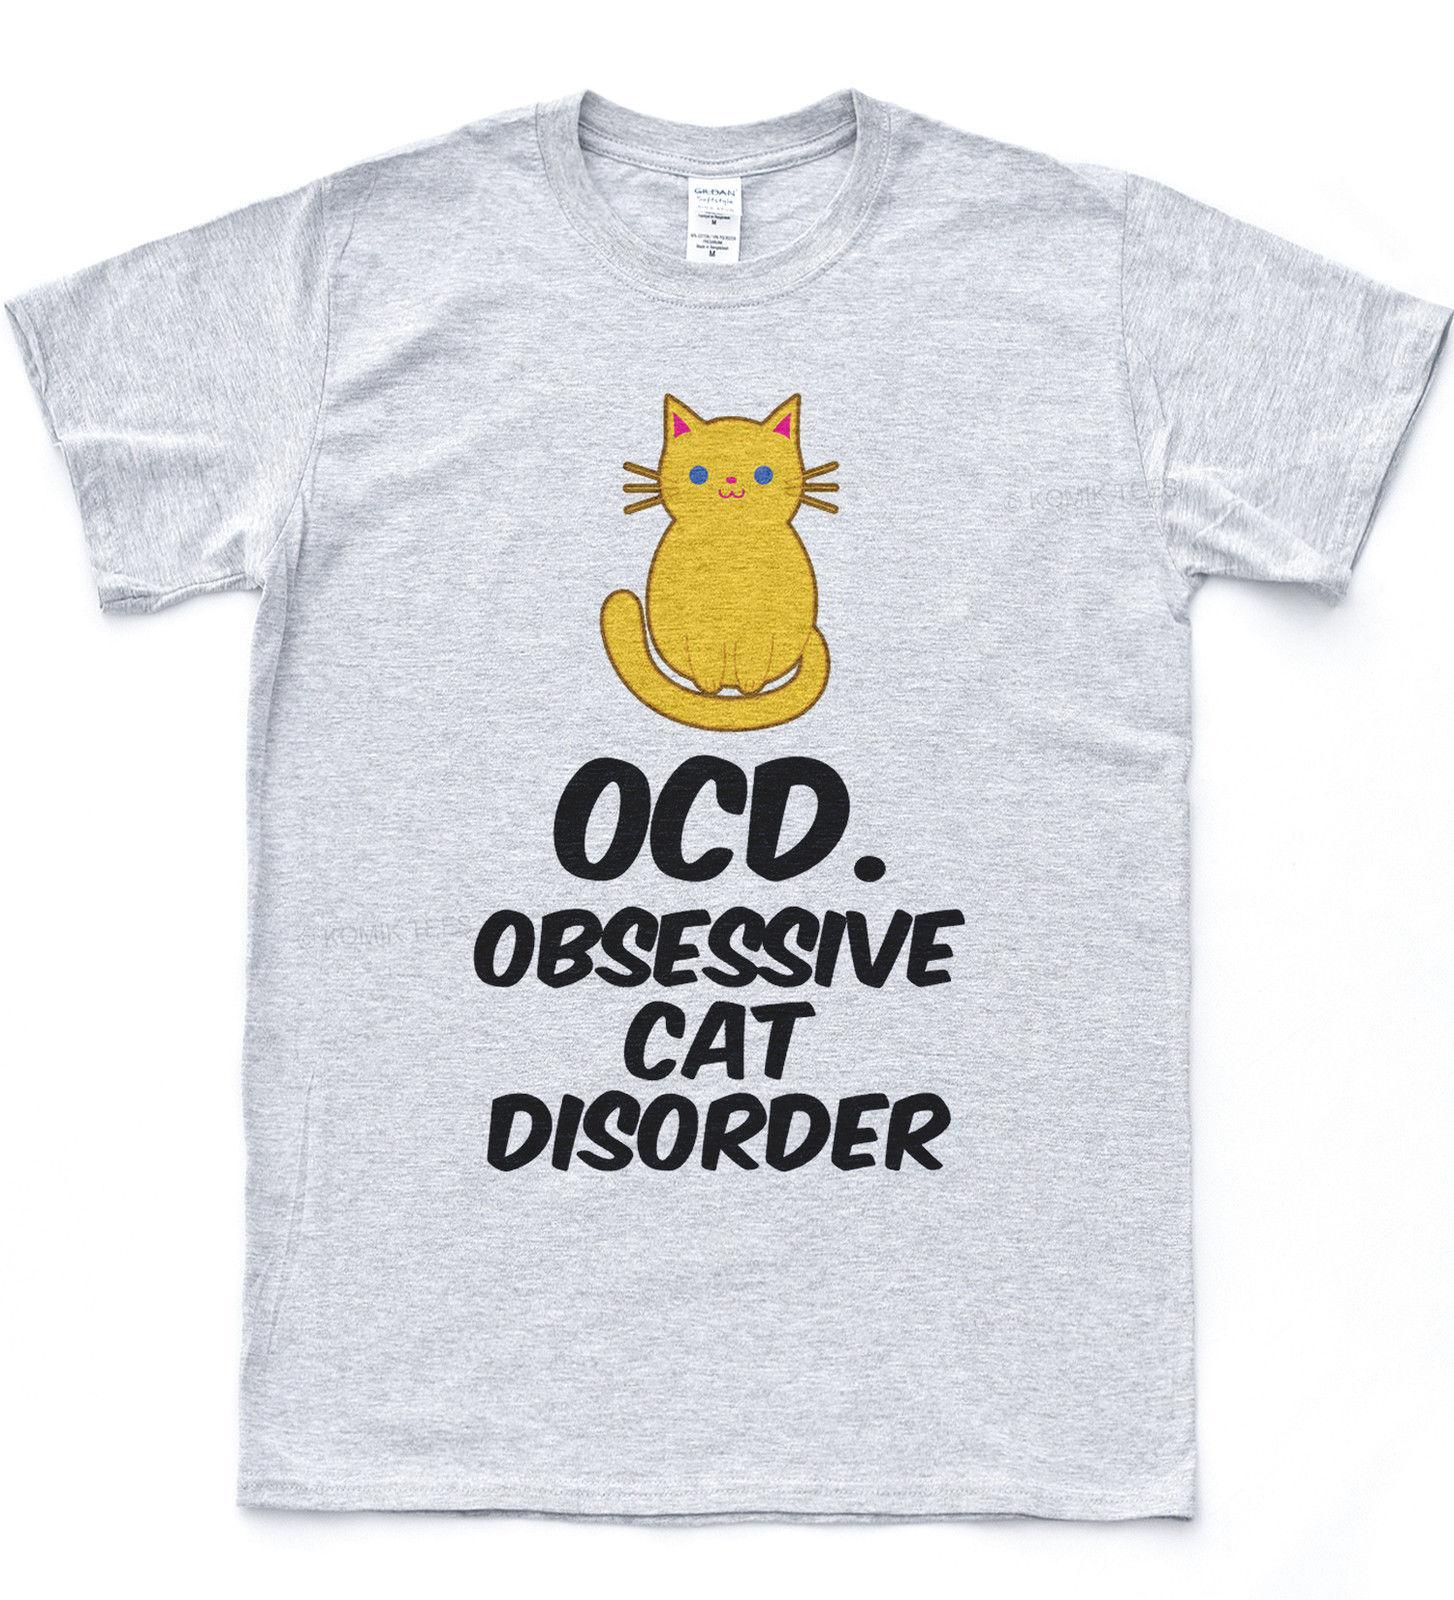 Ocd Shirt ✓ T Shirt Design 2018